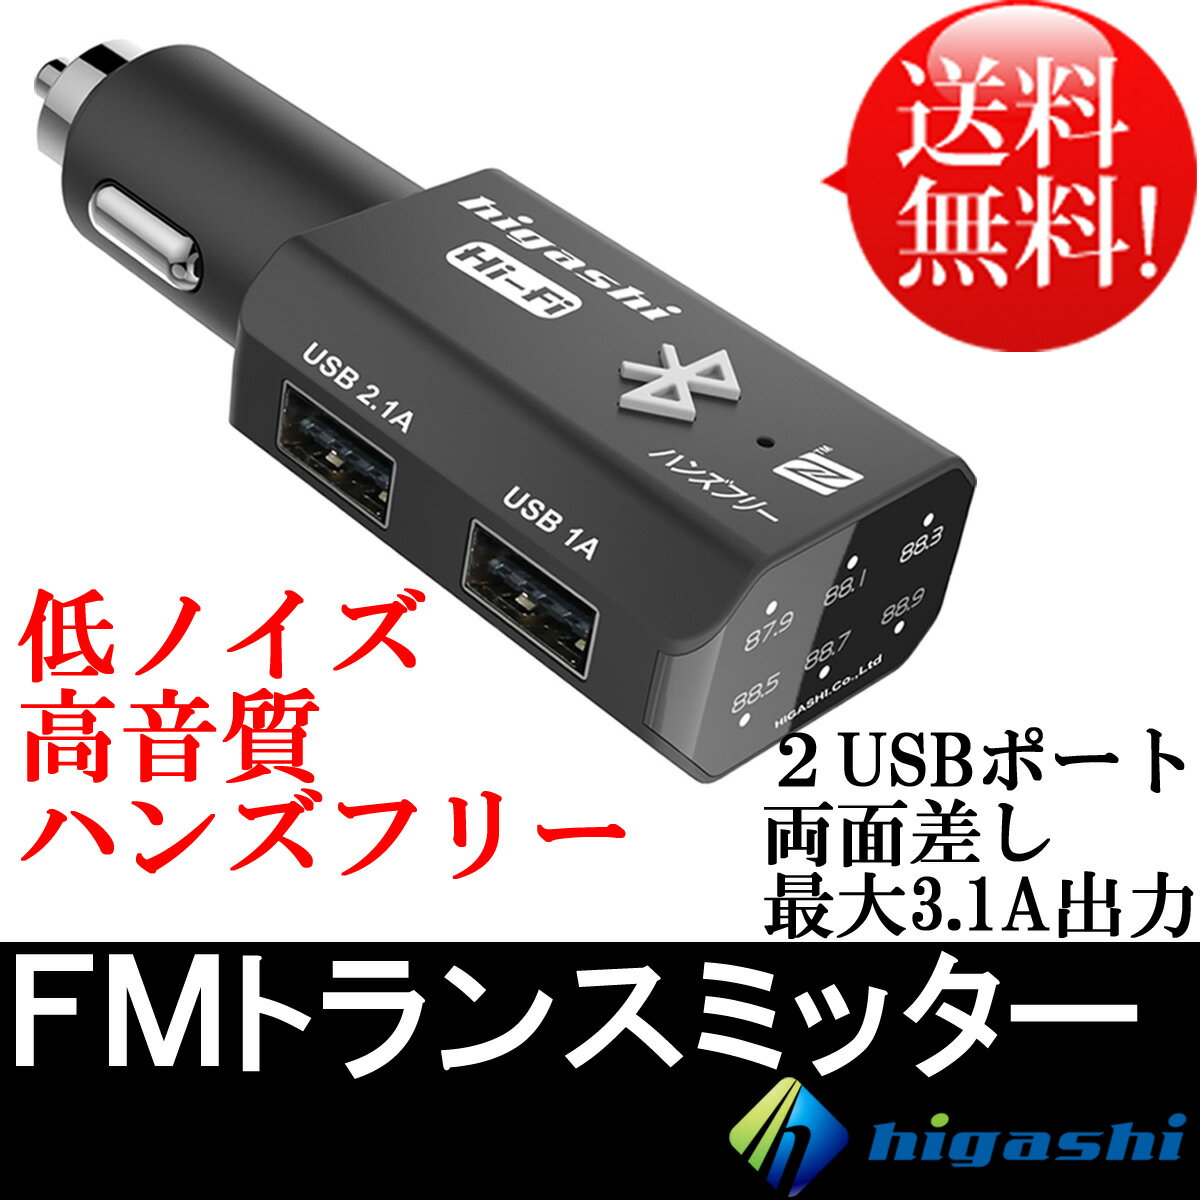 【 200円クーポン 】FMトランスミッター Bluetooth 高音質 車載 ウォークマン iPod iphone7 iphone8 ブルートゥース 低ノイズ 12V 24V ハンズフリー トランスミッター